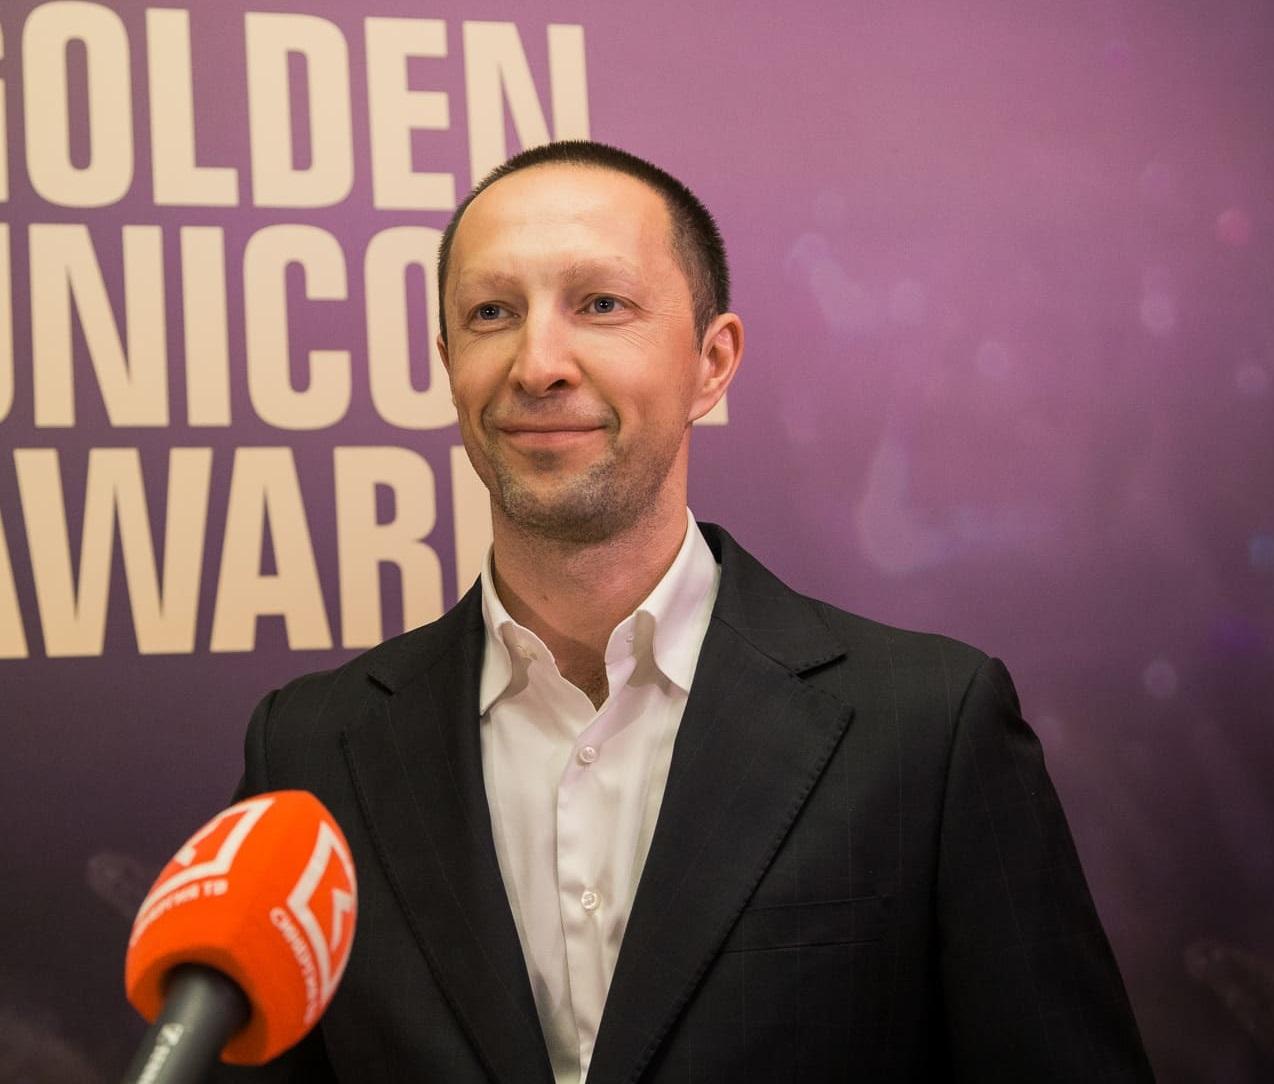 Вадим Лобов на церемонии награждения The Golden Unicorn Award